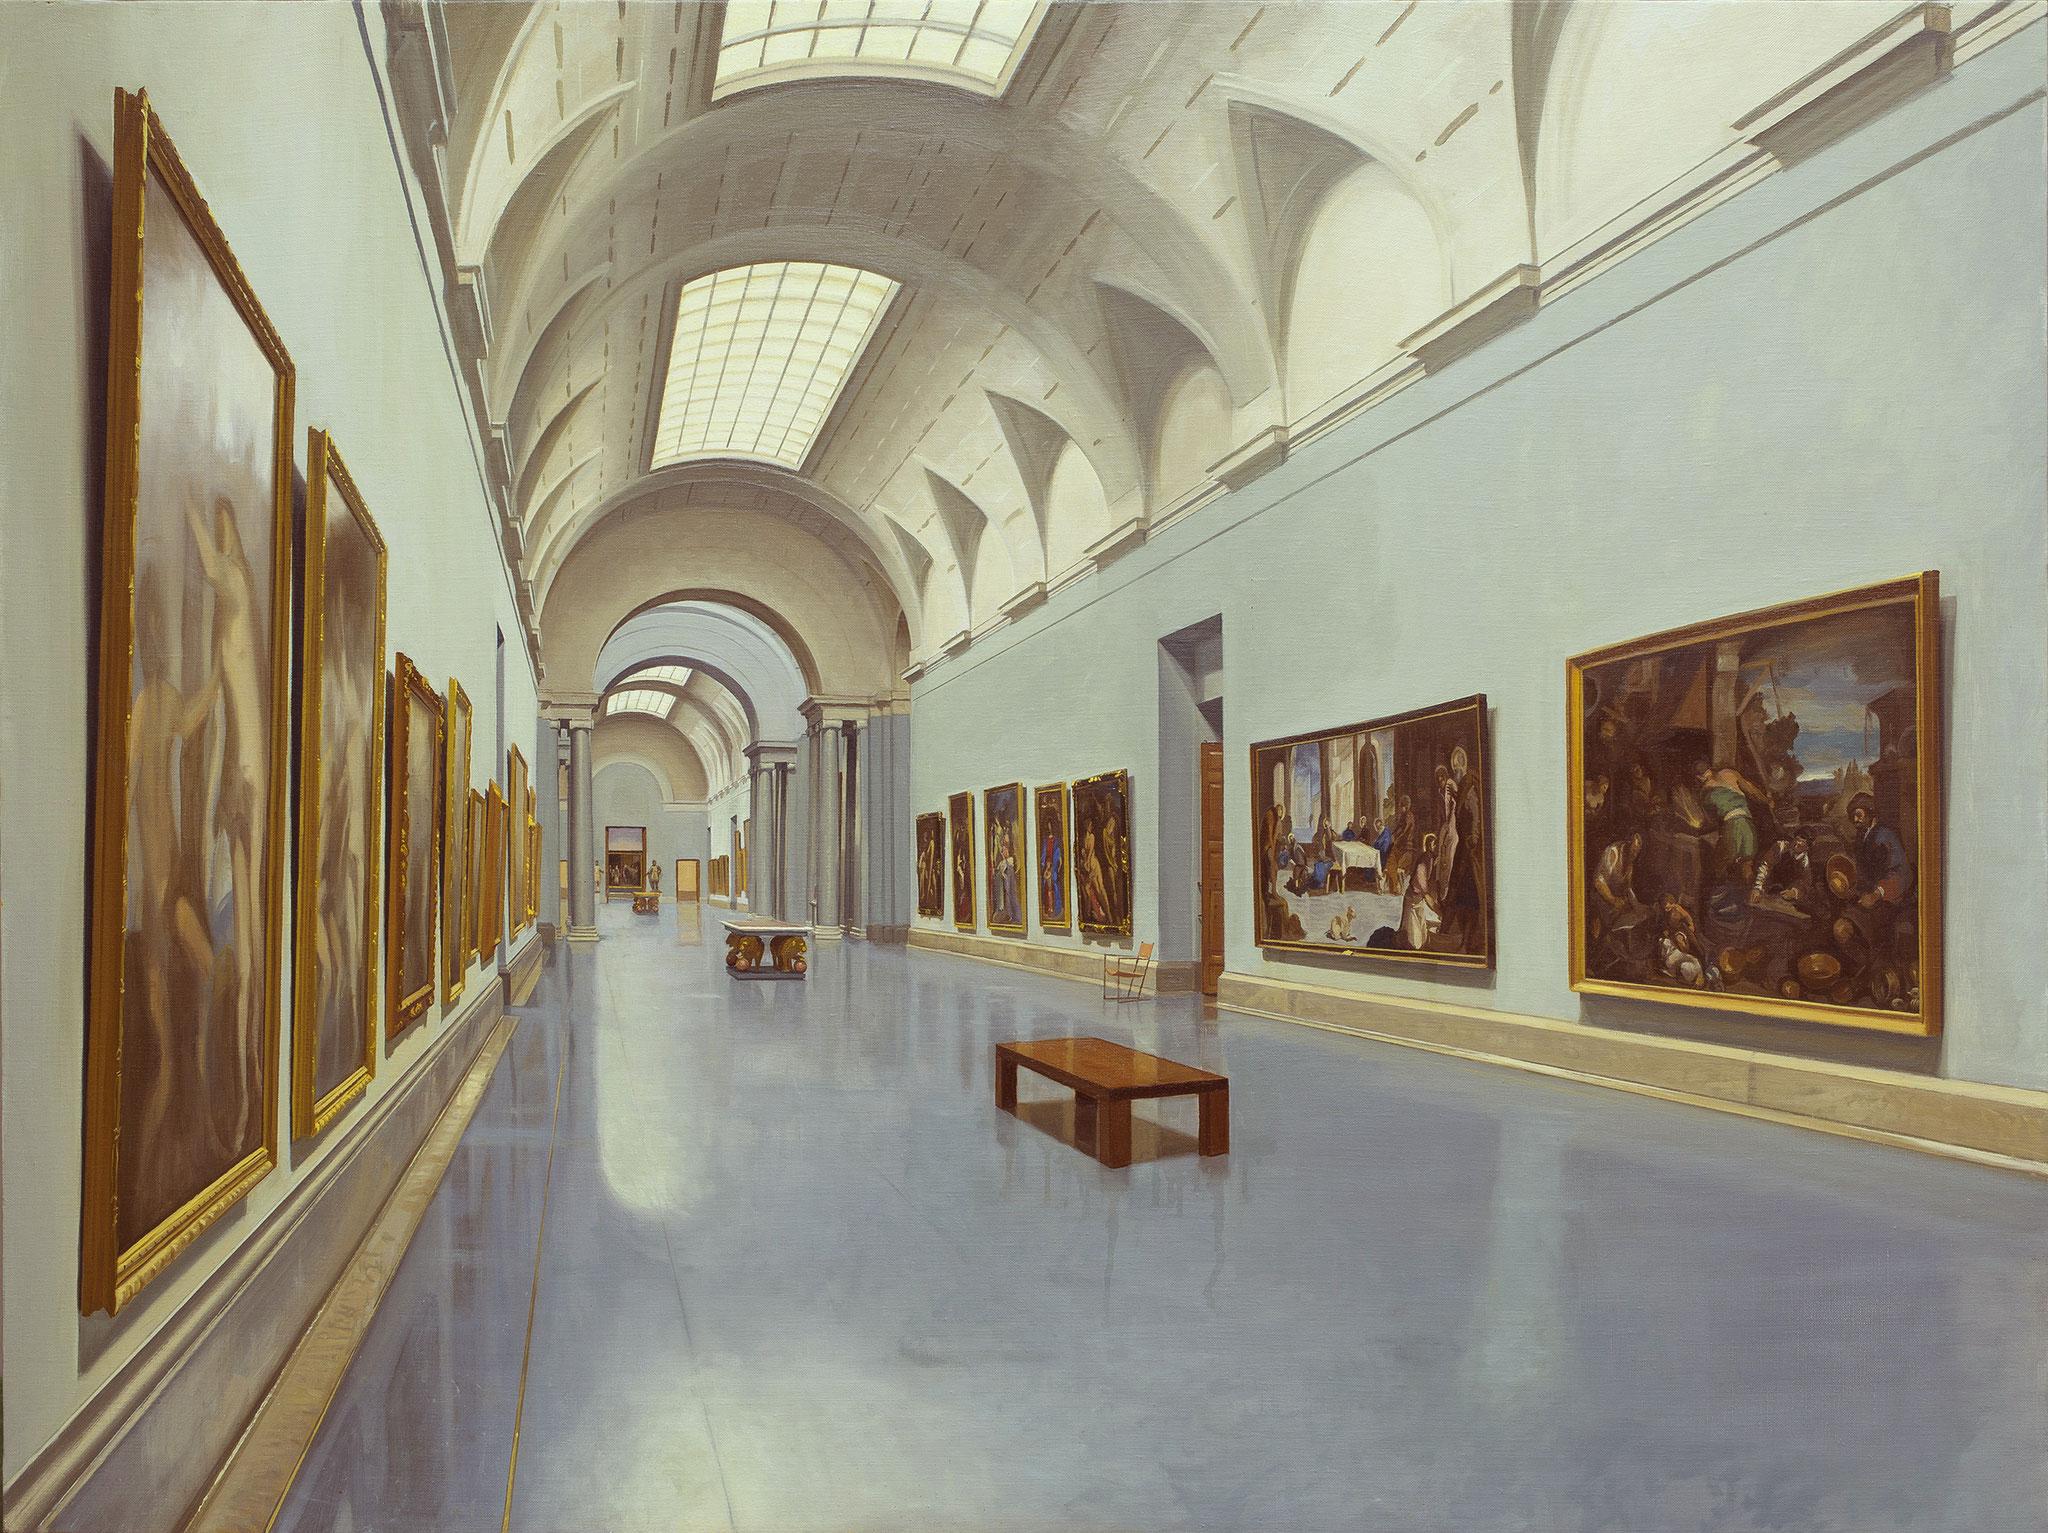 Vista de la galería central del Museo del Prado. Óleo sobre lienzo, 97 x 130 cm.